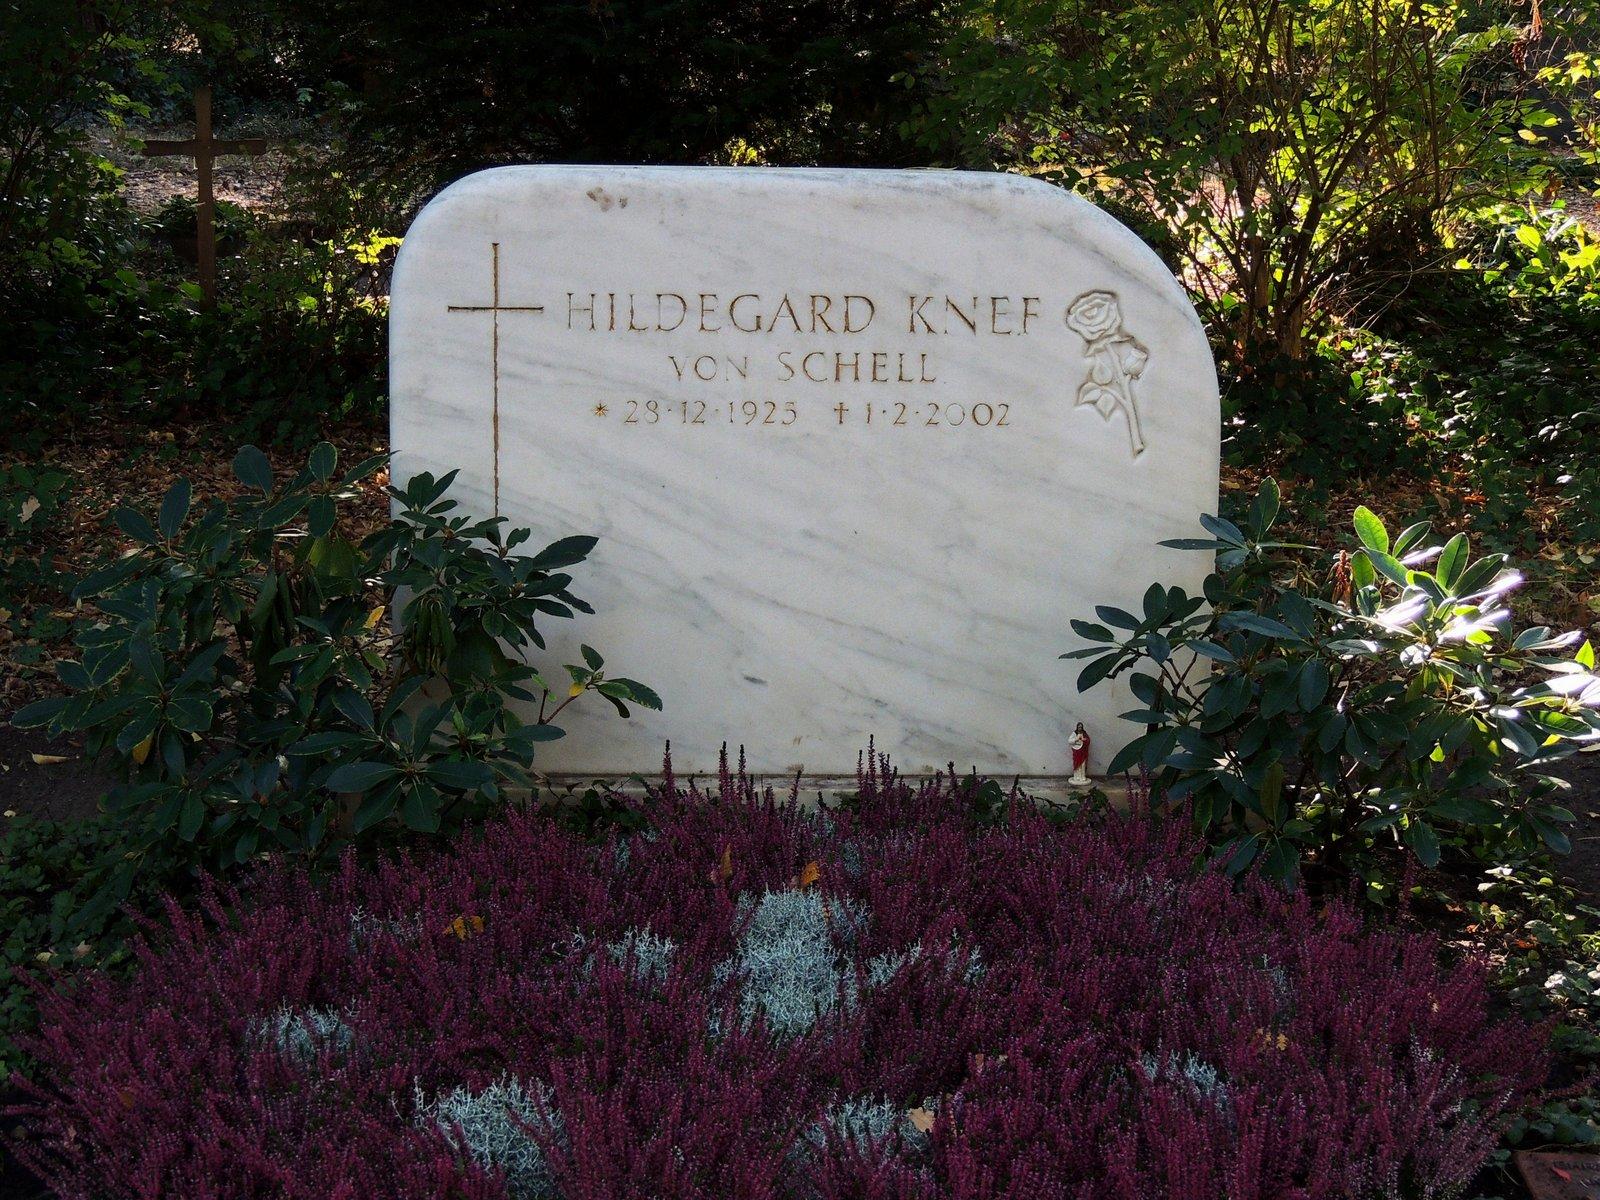 Waldfriedhof Zehlendorf - Hildegard Knef